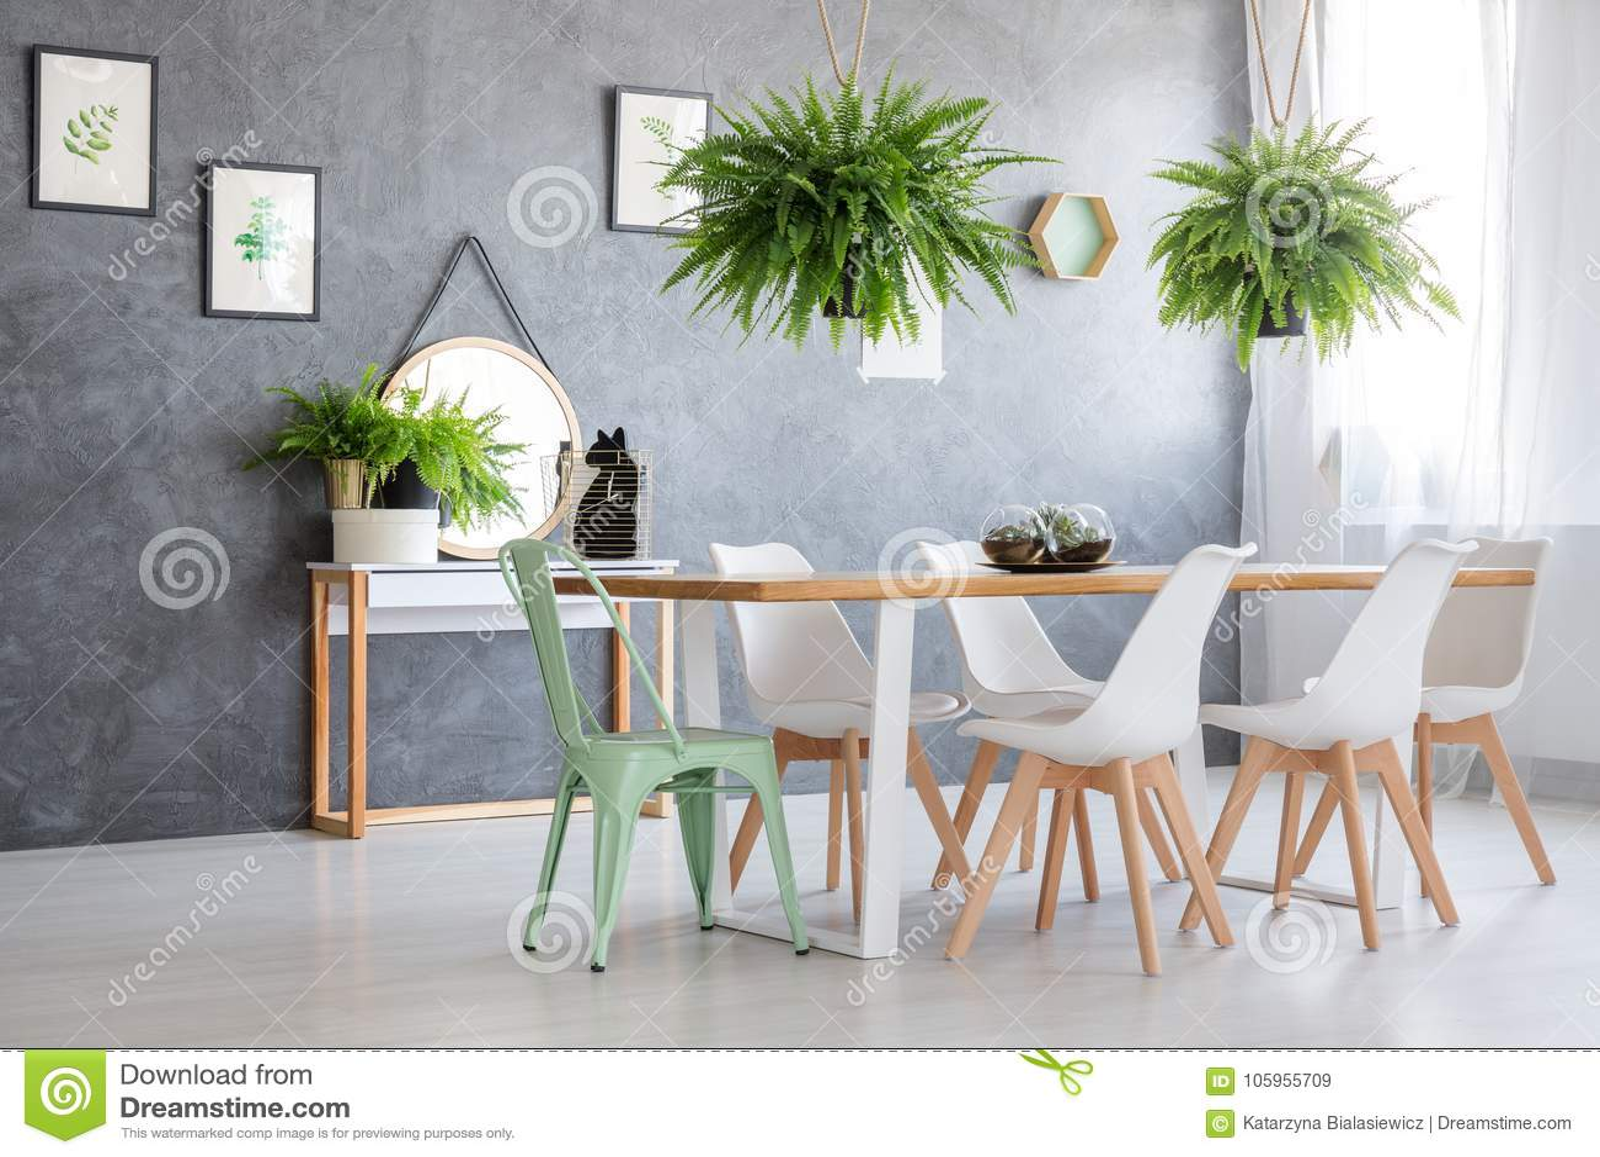 Imágenes de diversas hierbas